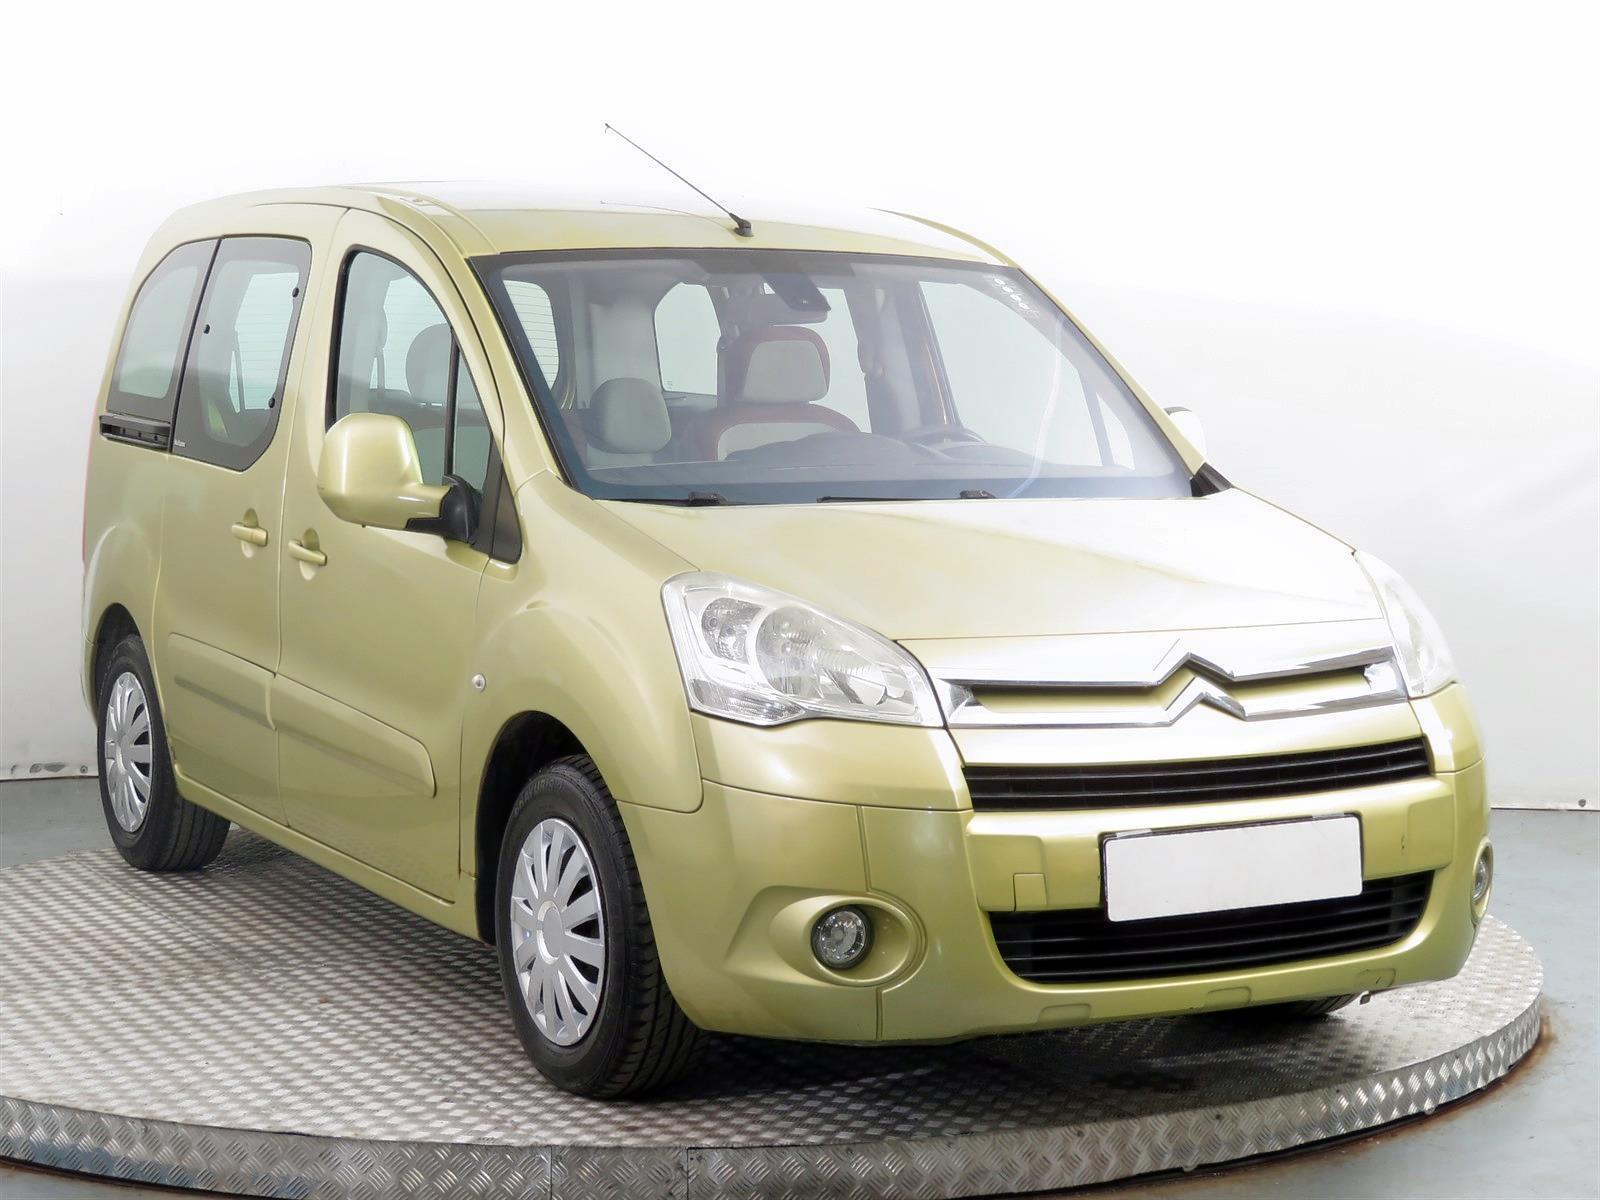 Citroën Berlingo 1.6 HDi 66kW pick up nafta